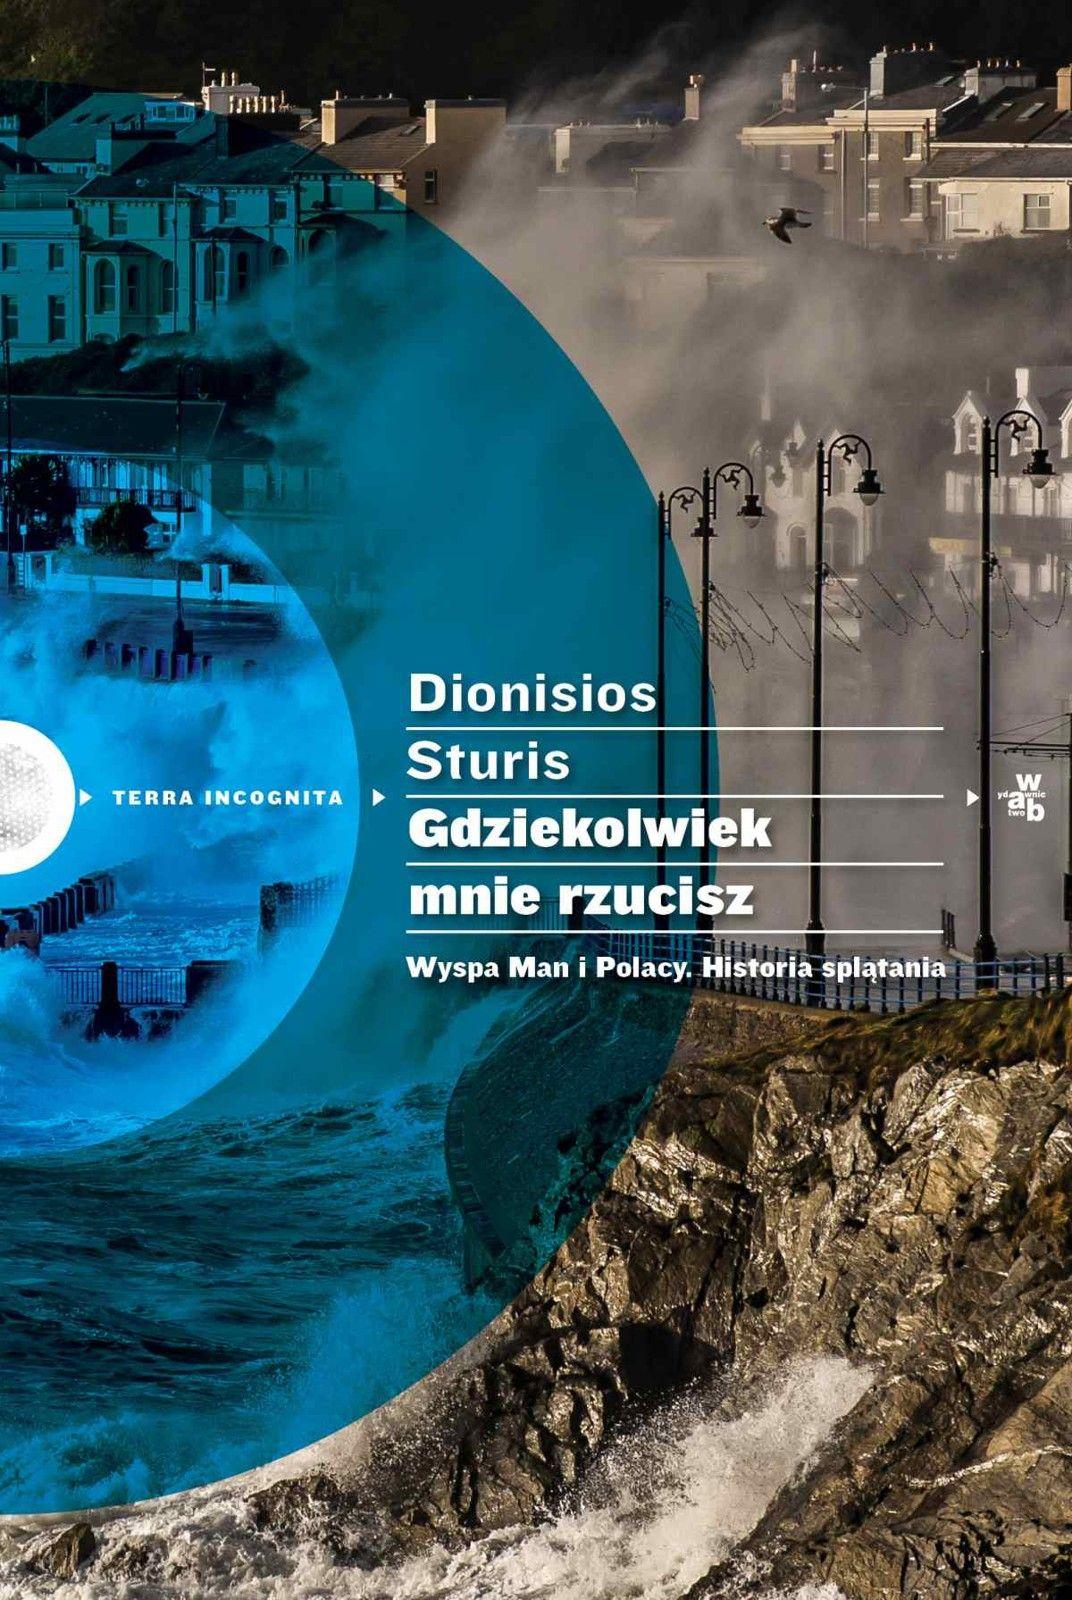 """""""Gdziekolwiek mnie rzucisz. Wyspa Man i Polacy"""", fot. Dionisios Sturis (fot. materiały promocyjne)"""